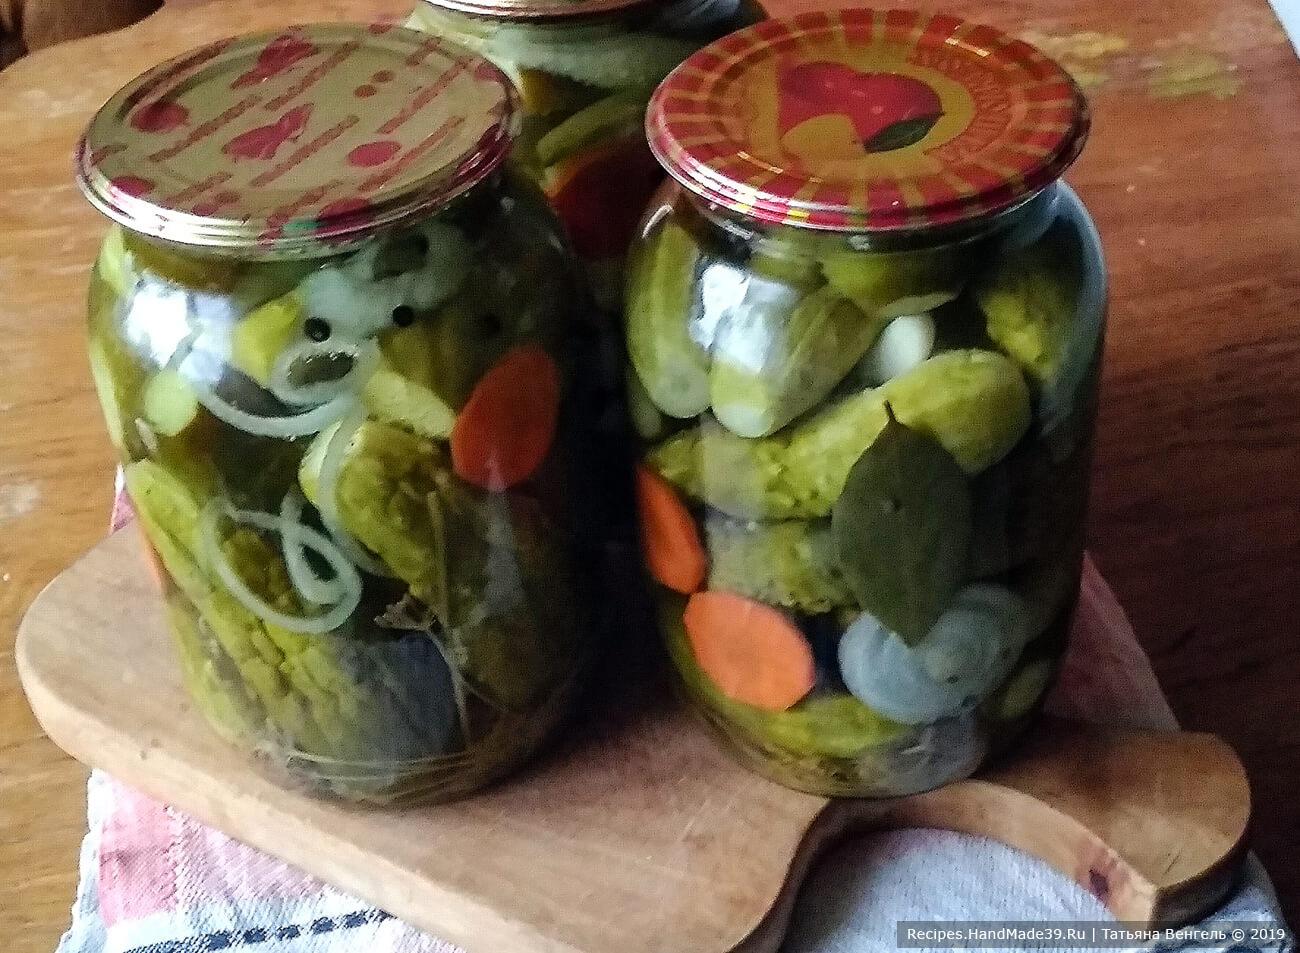 Огурцы в банках без маринада – пошаговый кулинарный рецепт с фото